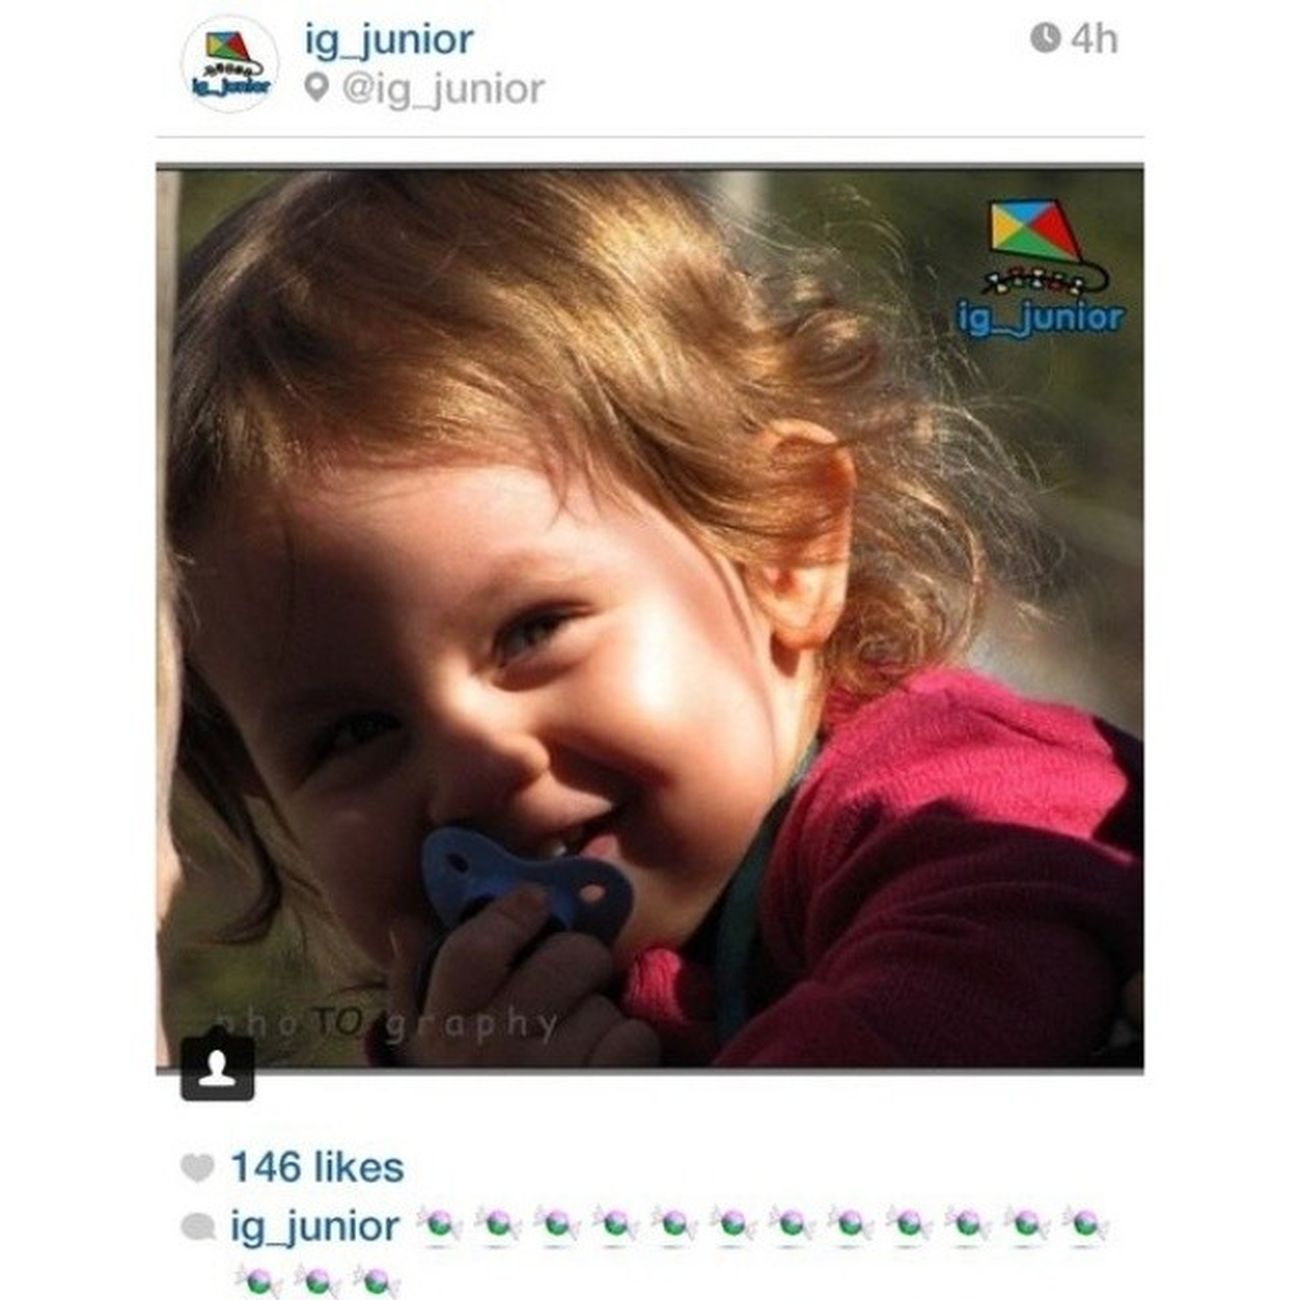 tüm Ig_junior ekibine ve seçimiyle mutlu eden @nurrya ya çok teşekkürler.